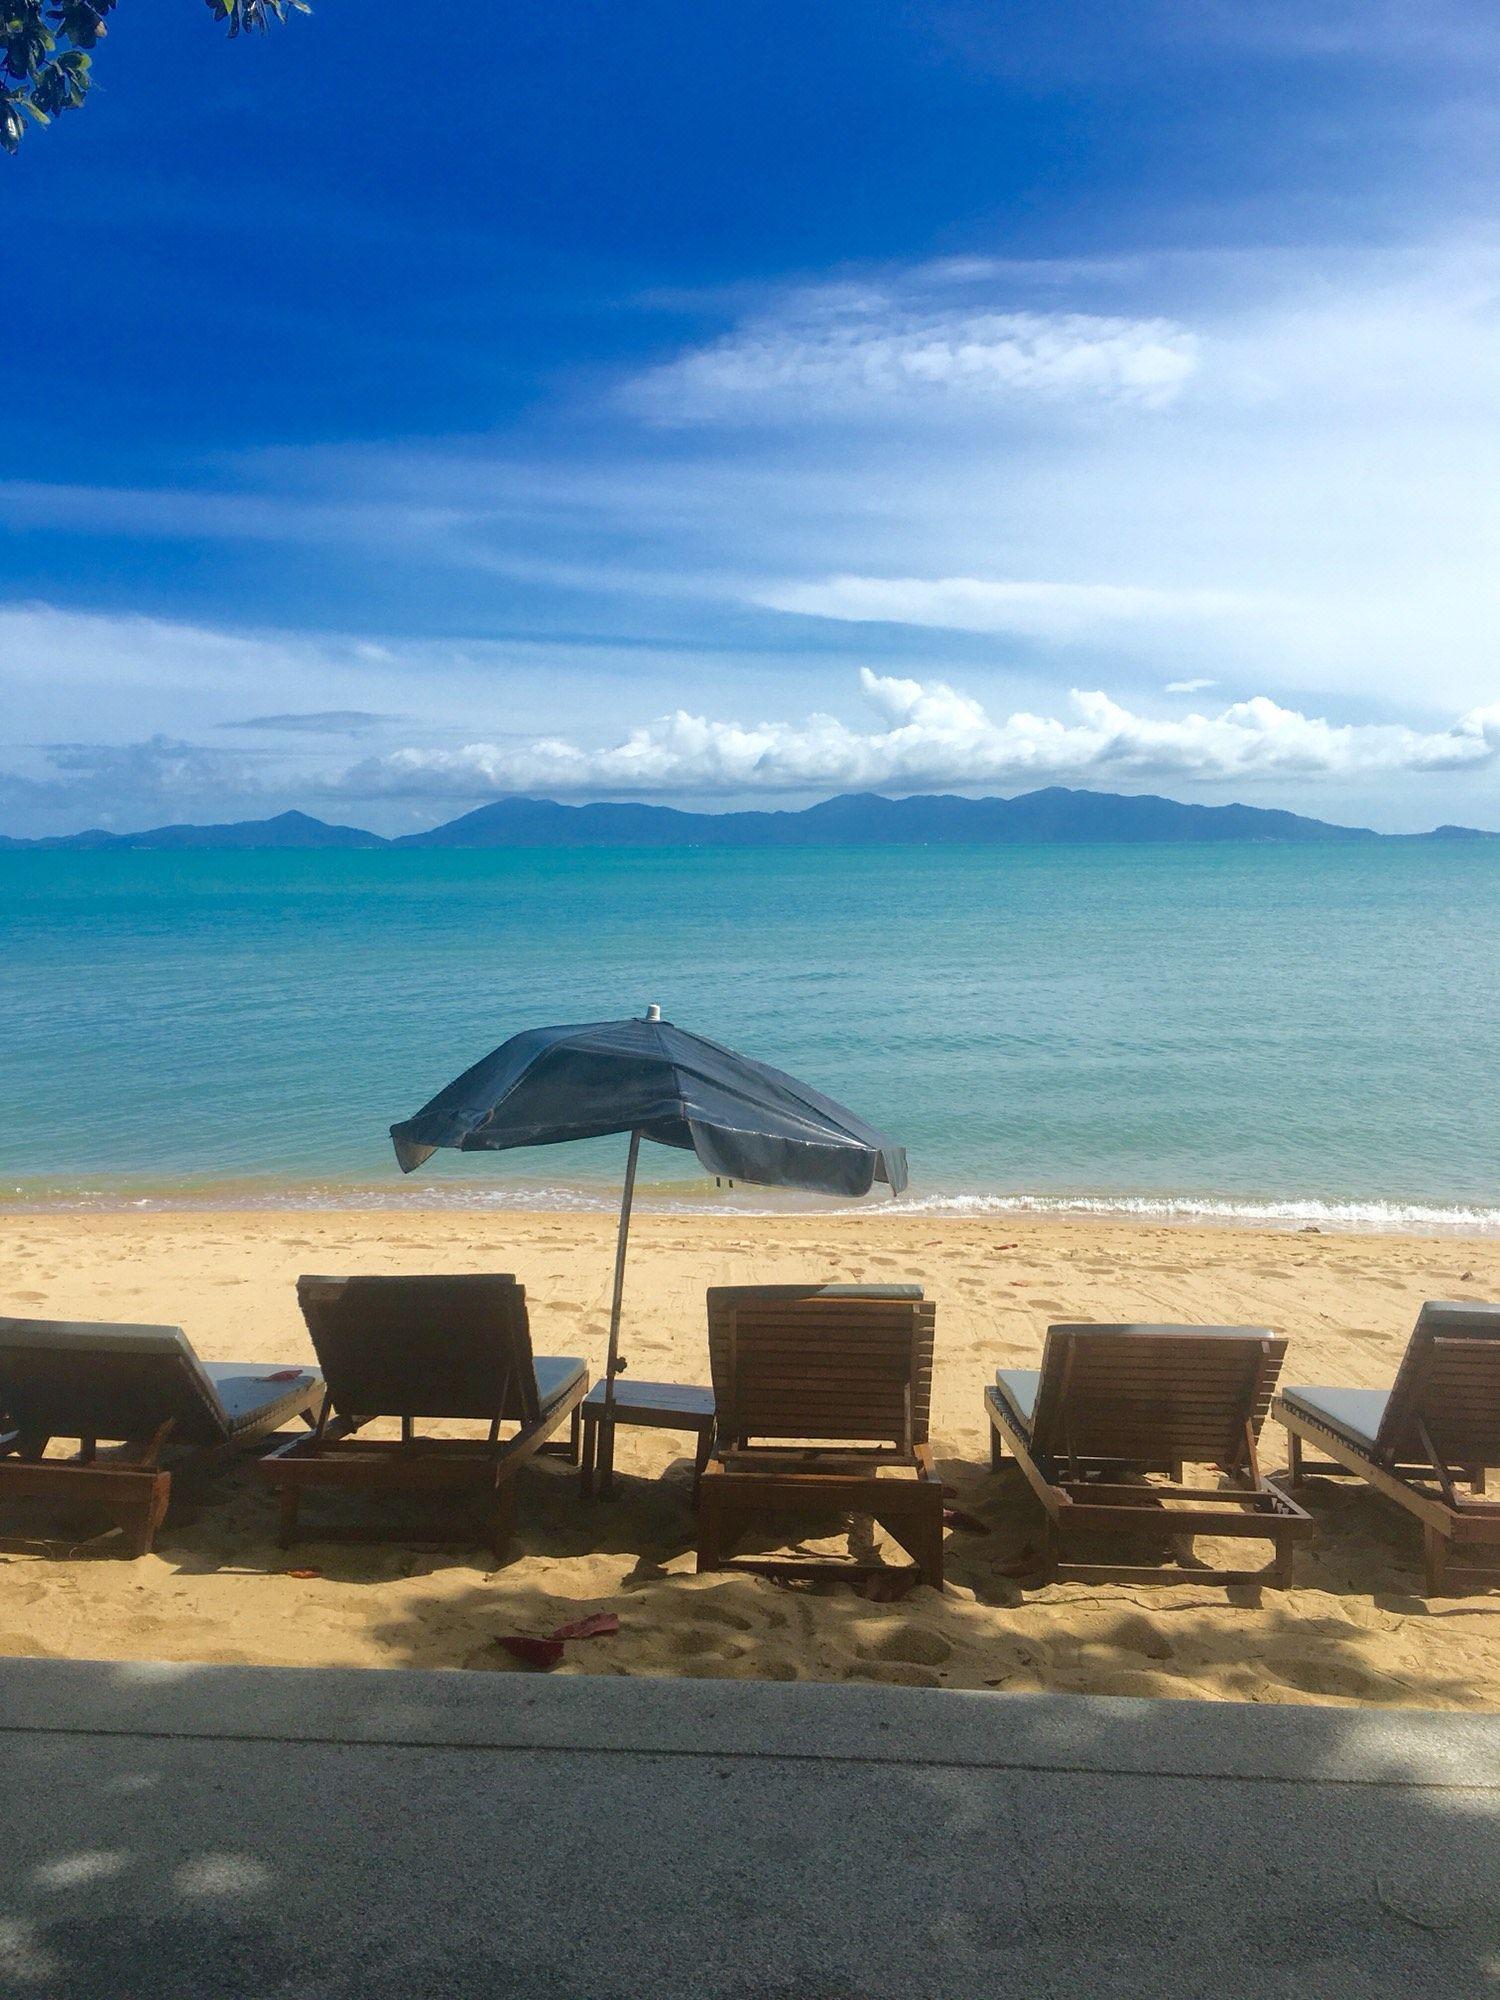 苏梅岛海滩酒店v海滩吊床(TheHammockSam宣化情趣用品